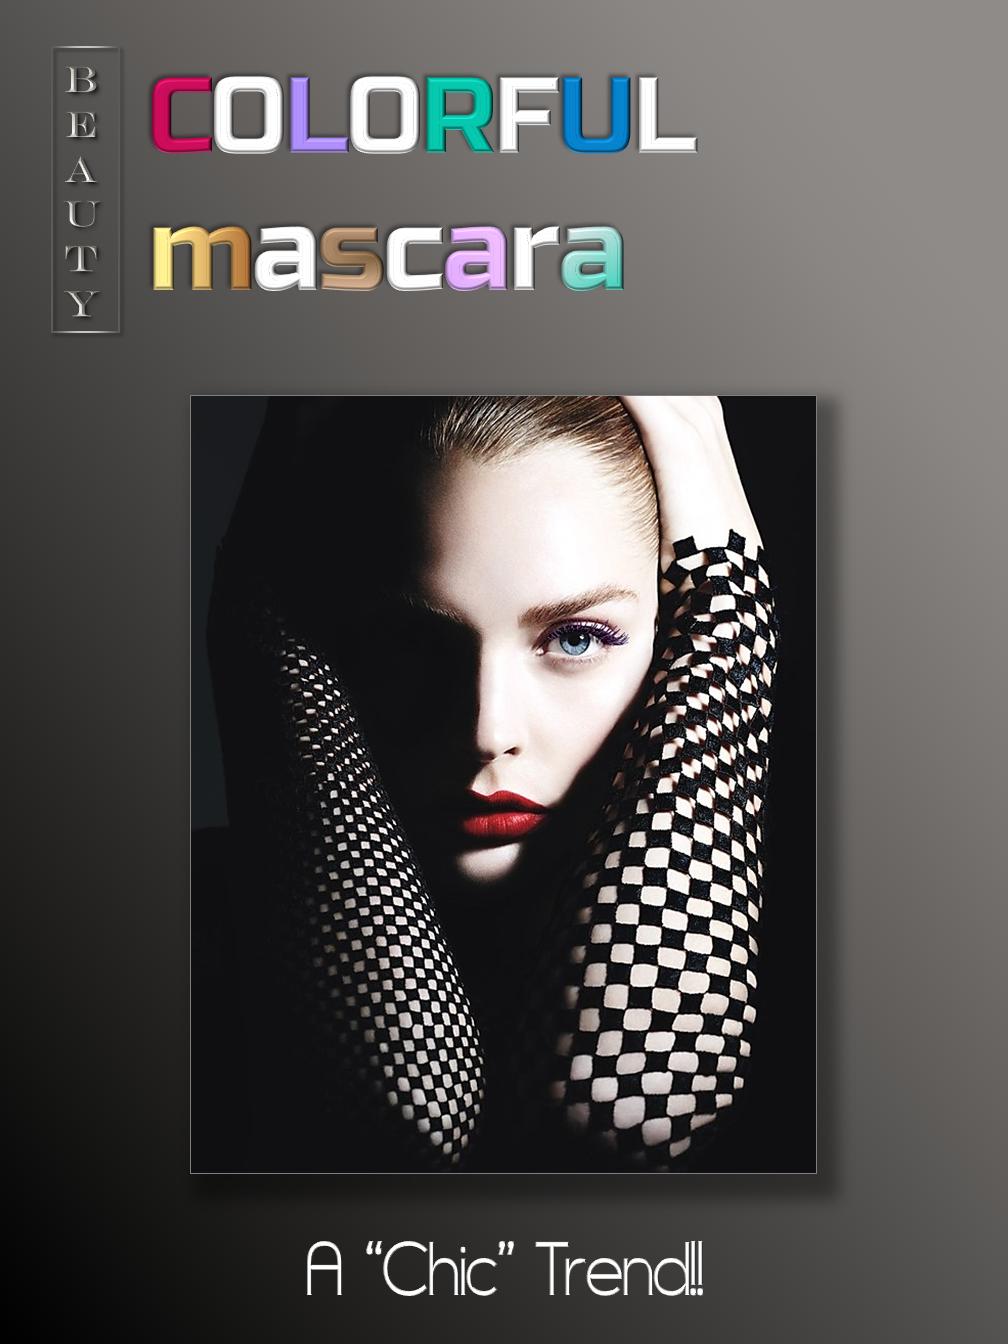 Colorful Mascara